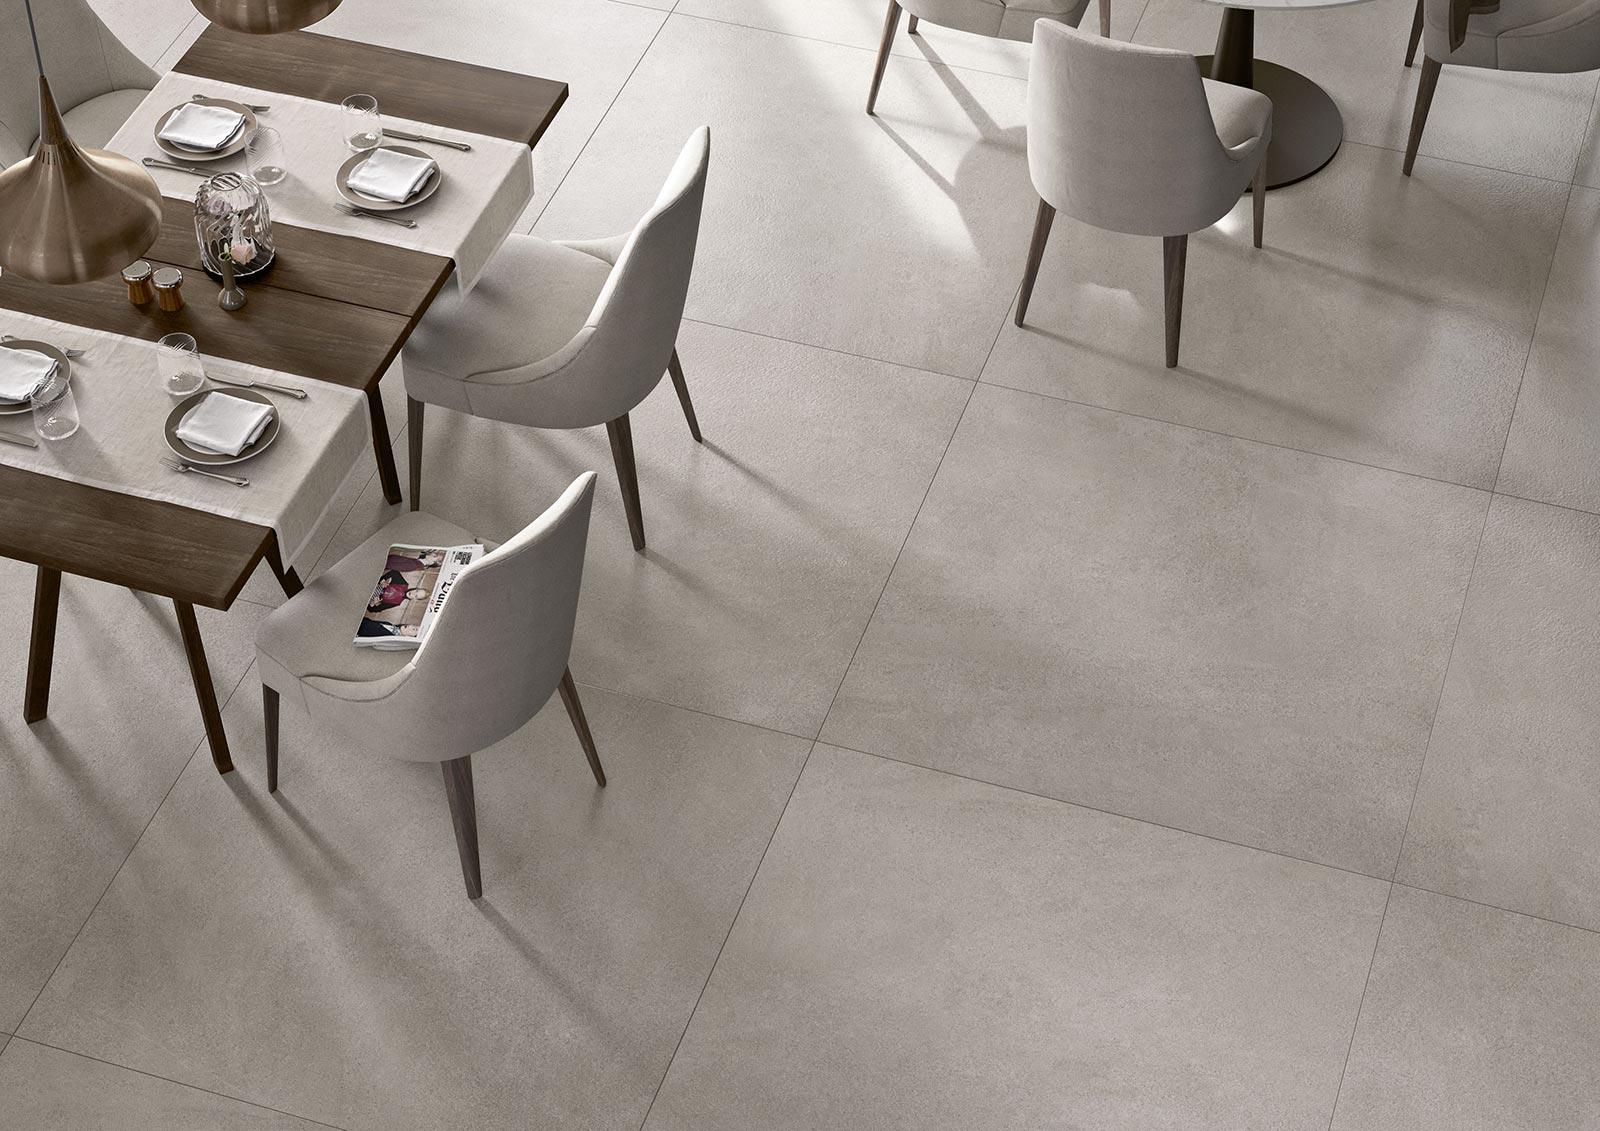 Pavimenti e rivestimenti di grandi formati marazzi for Carrelage grand format 120x120